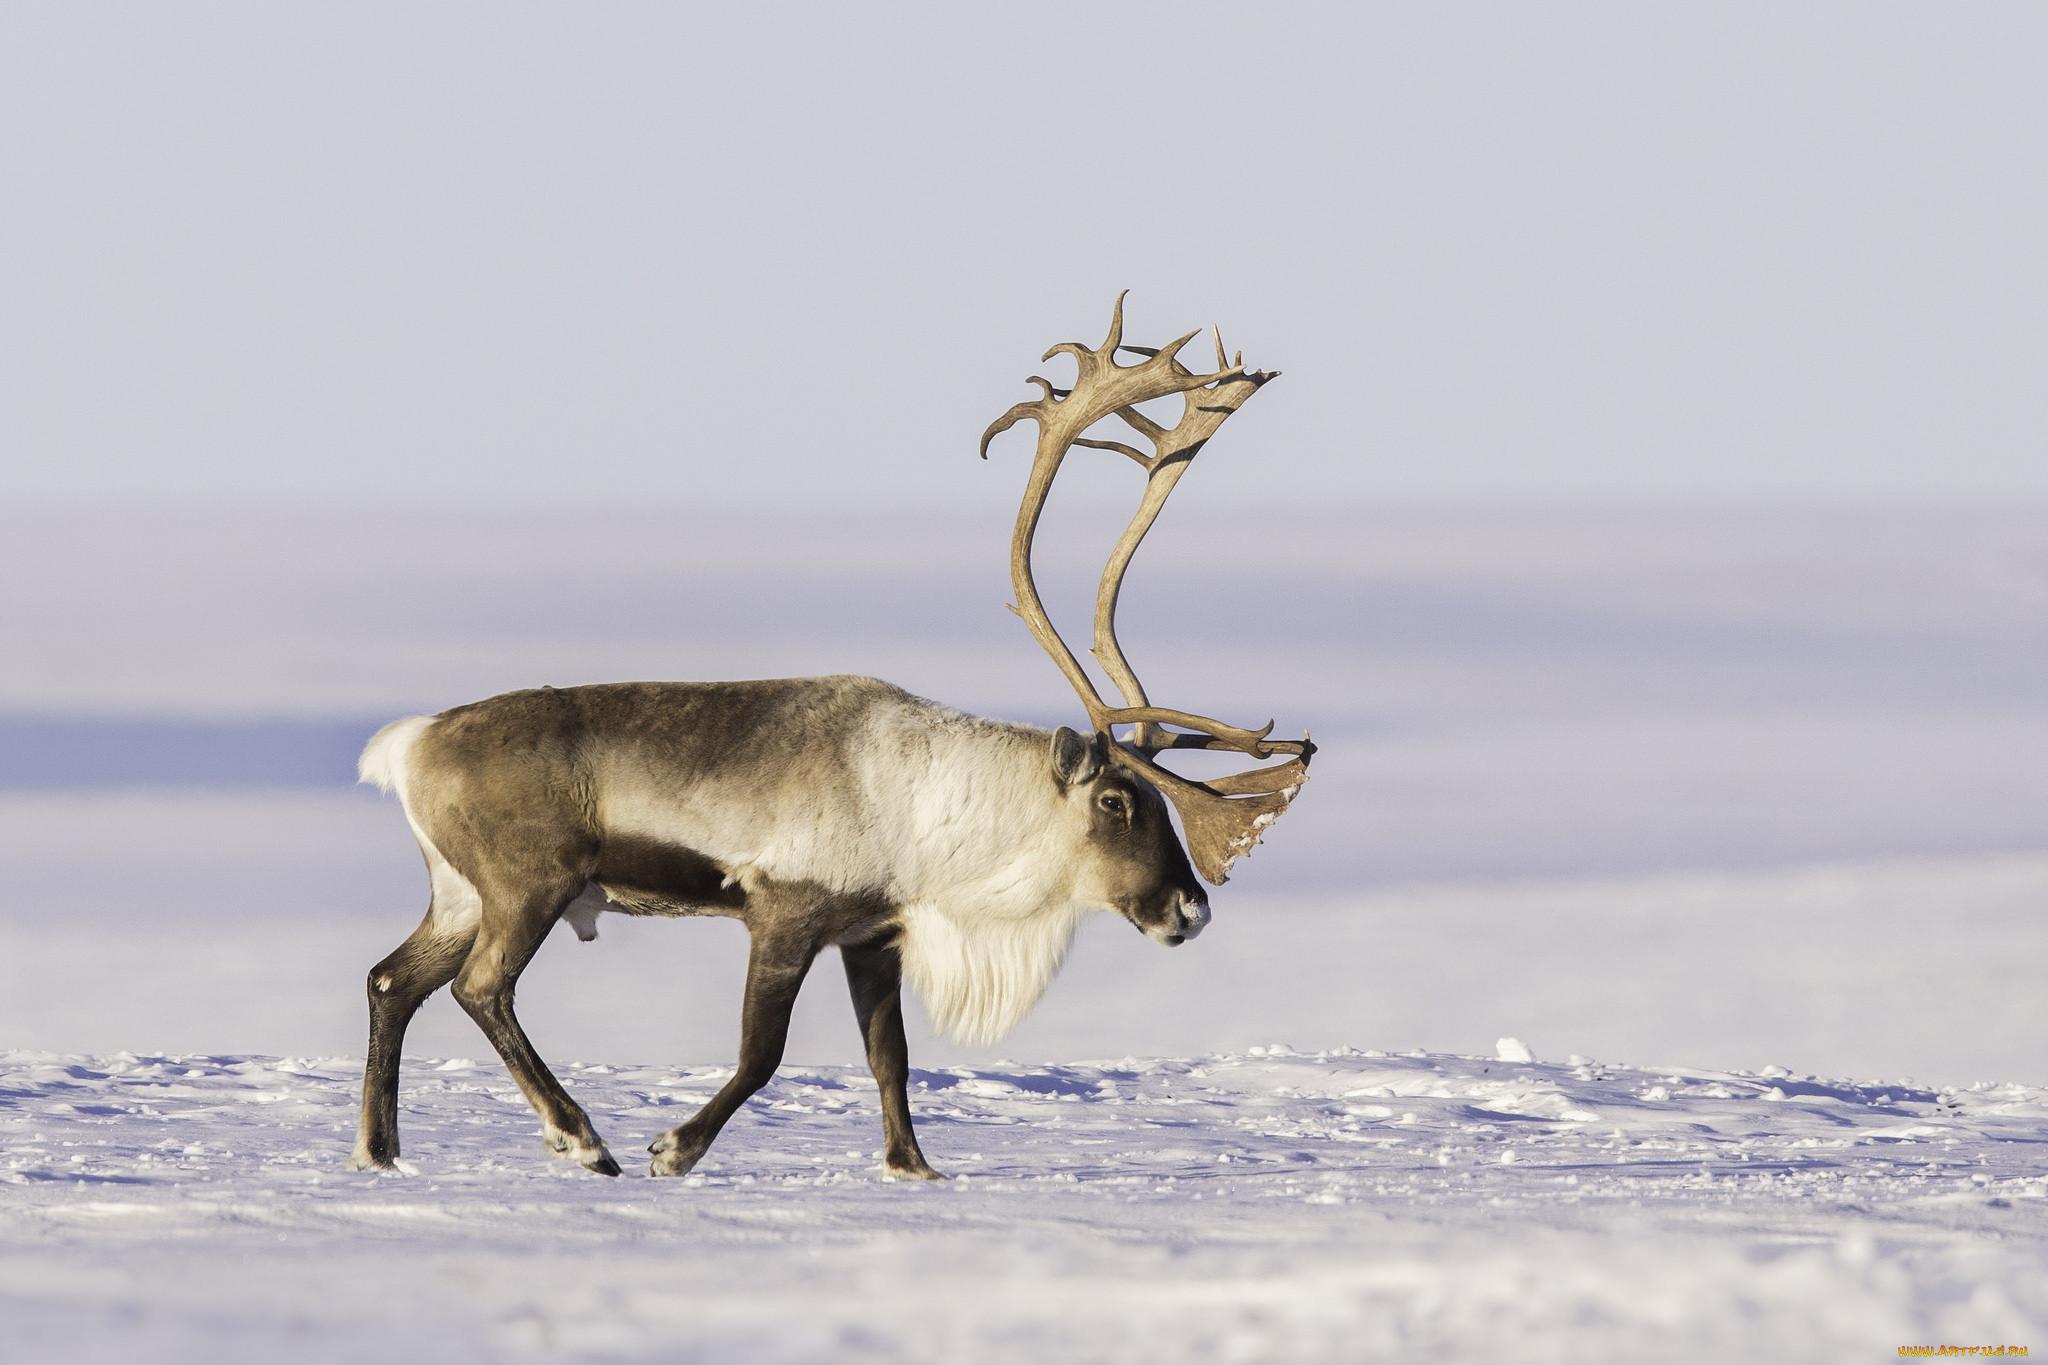 азербайджанские картинки полярного оленя глубокого яркого